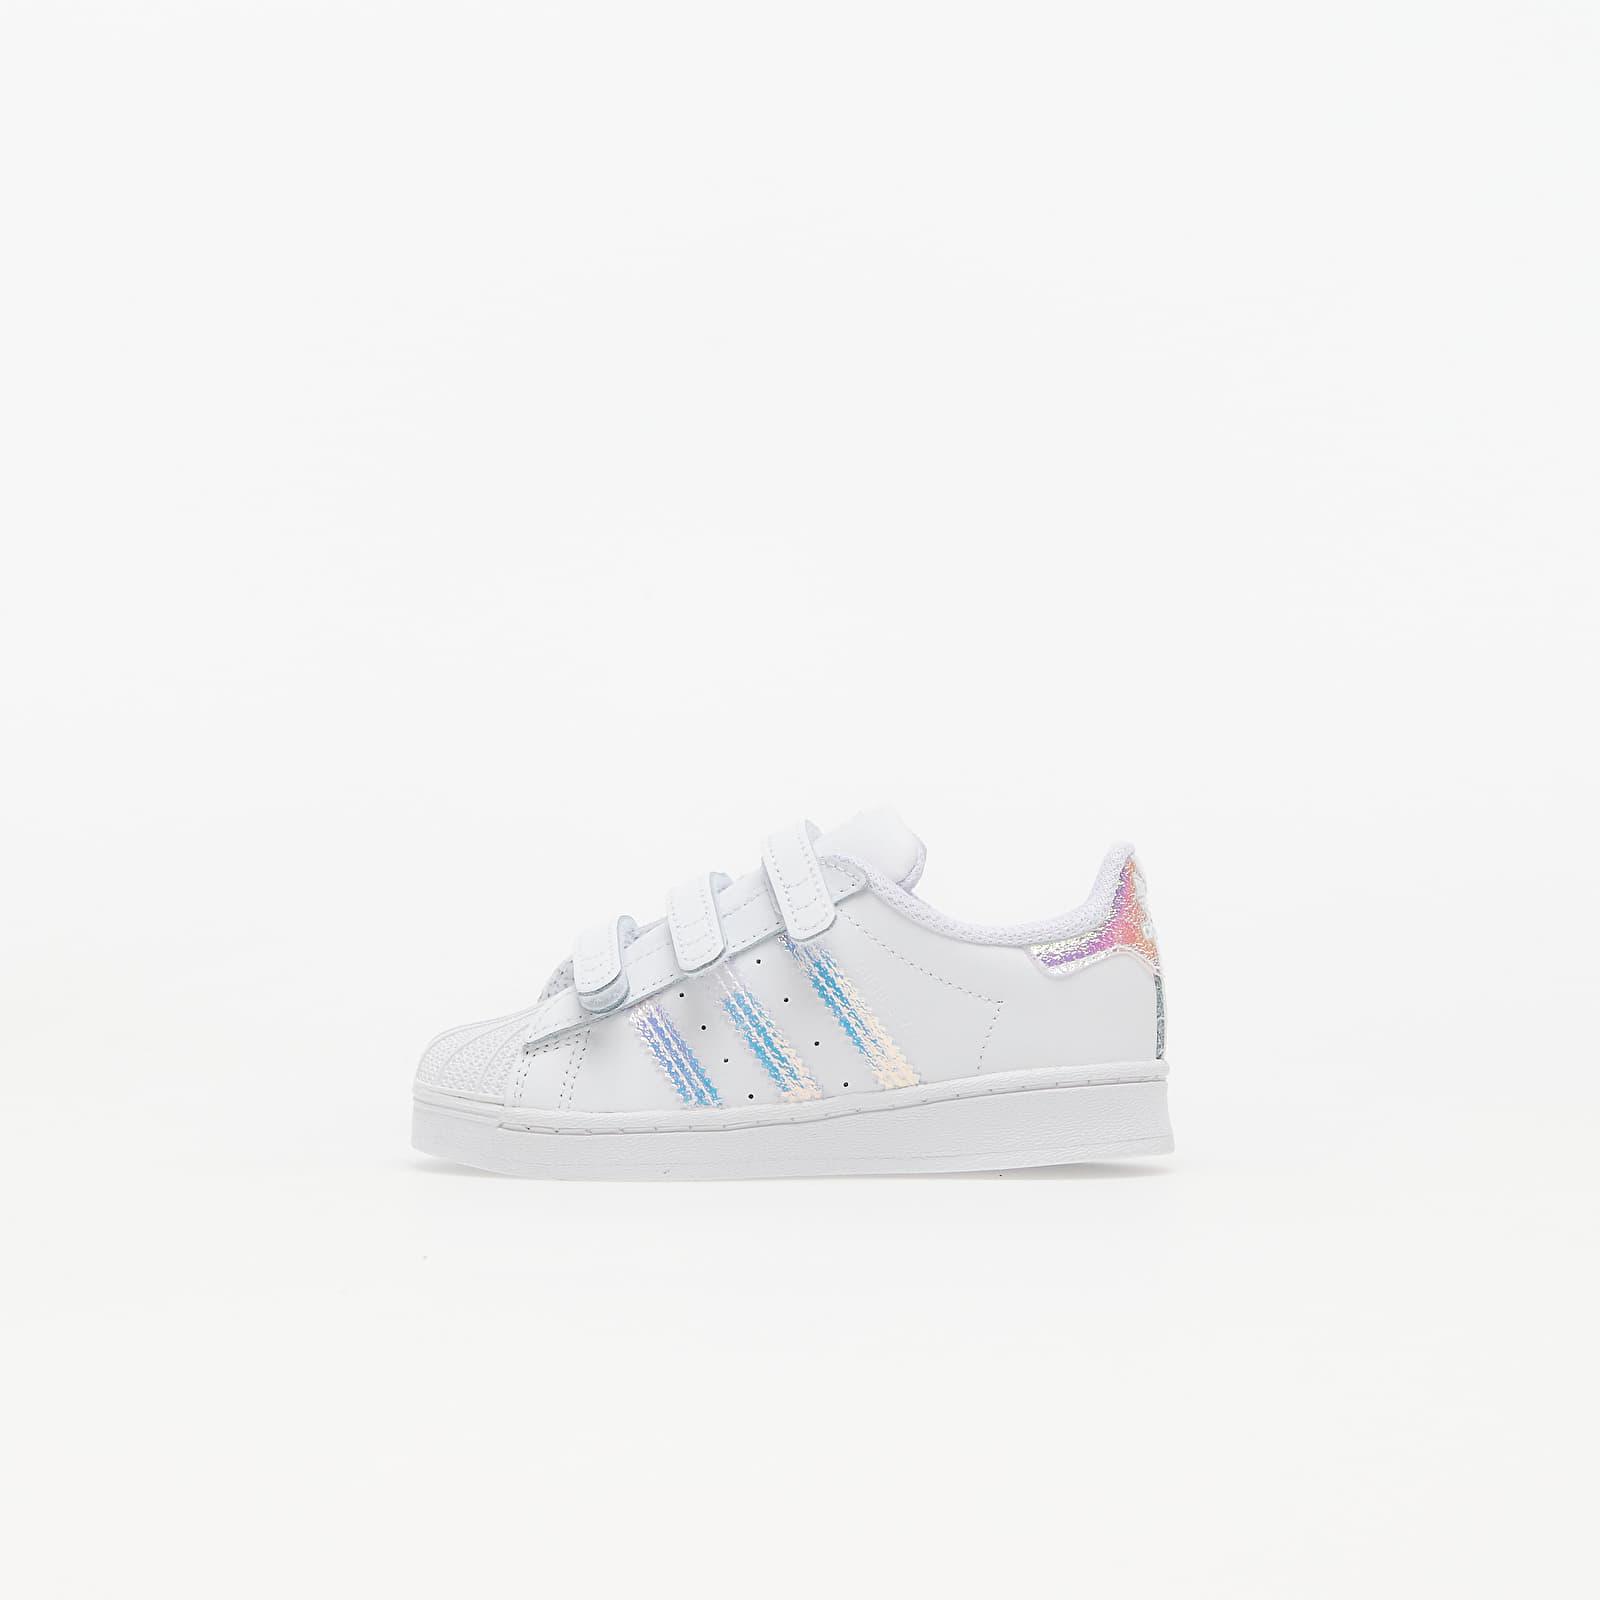 adidas Superstar Cf I Ftwr White/ Ftwr White/ Ftwr White EUR 24